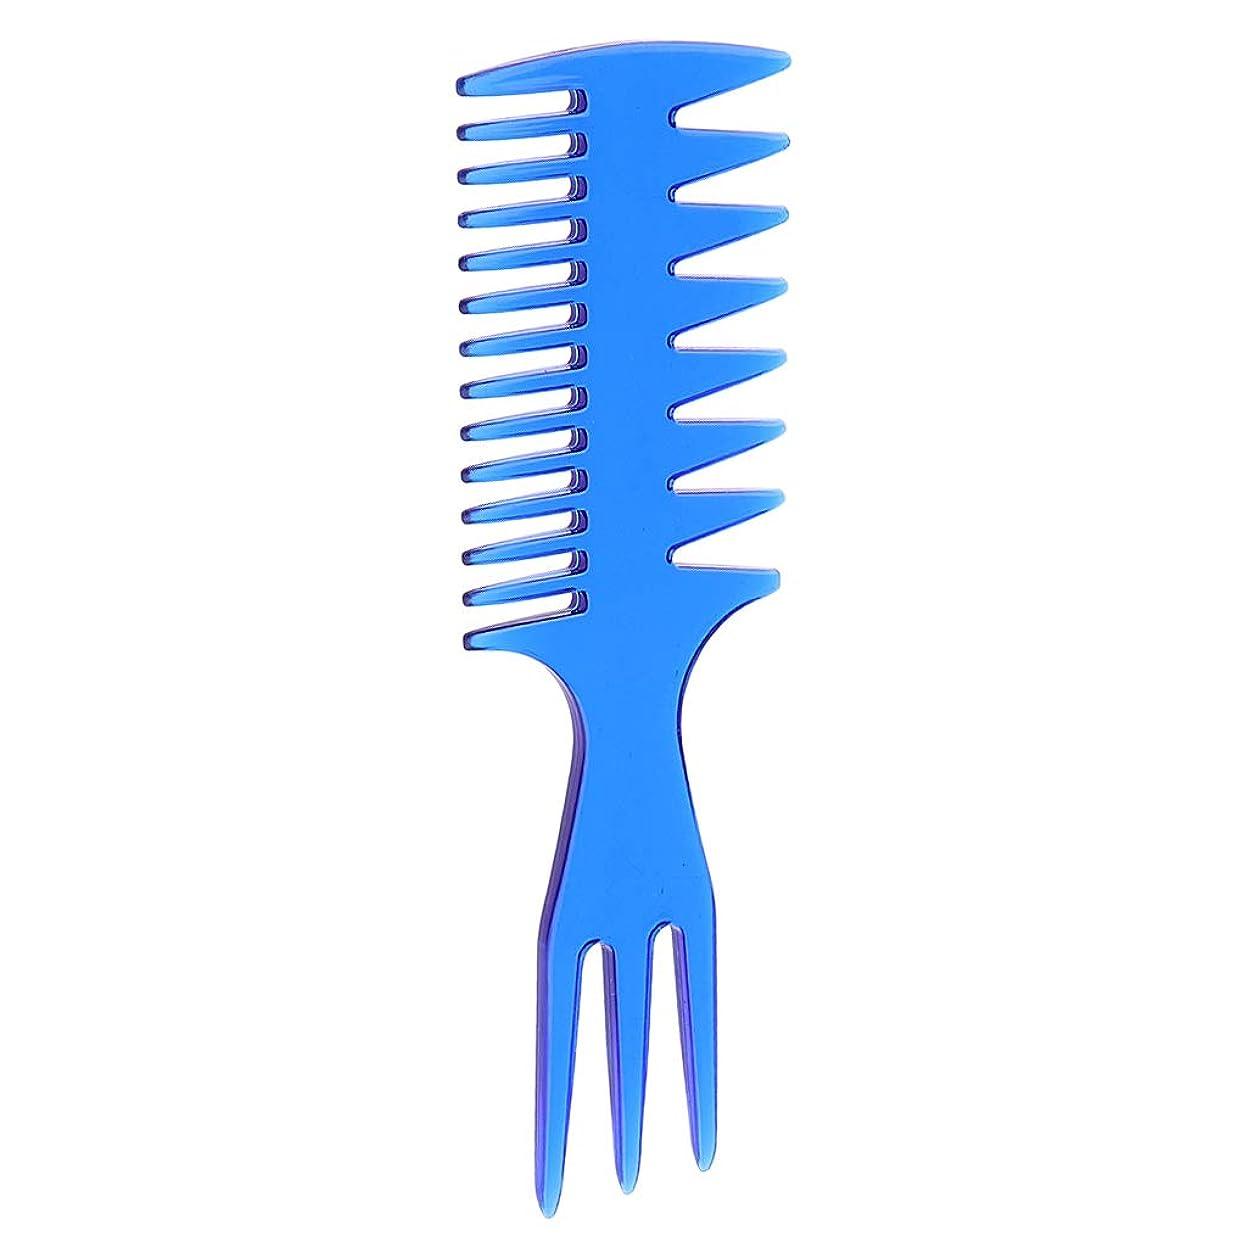 エネルギー望む作りDYNWAVE ヘアダイコーム ヘアブラシ 櫛 ヘアコーム 広い歯コーム 美容サロン 家庭用 用品 3 In 1